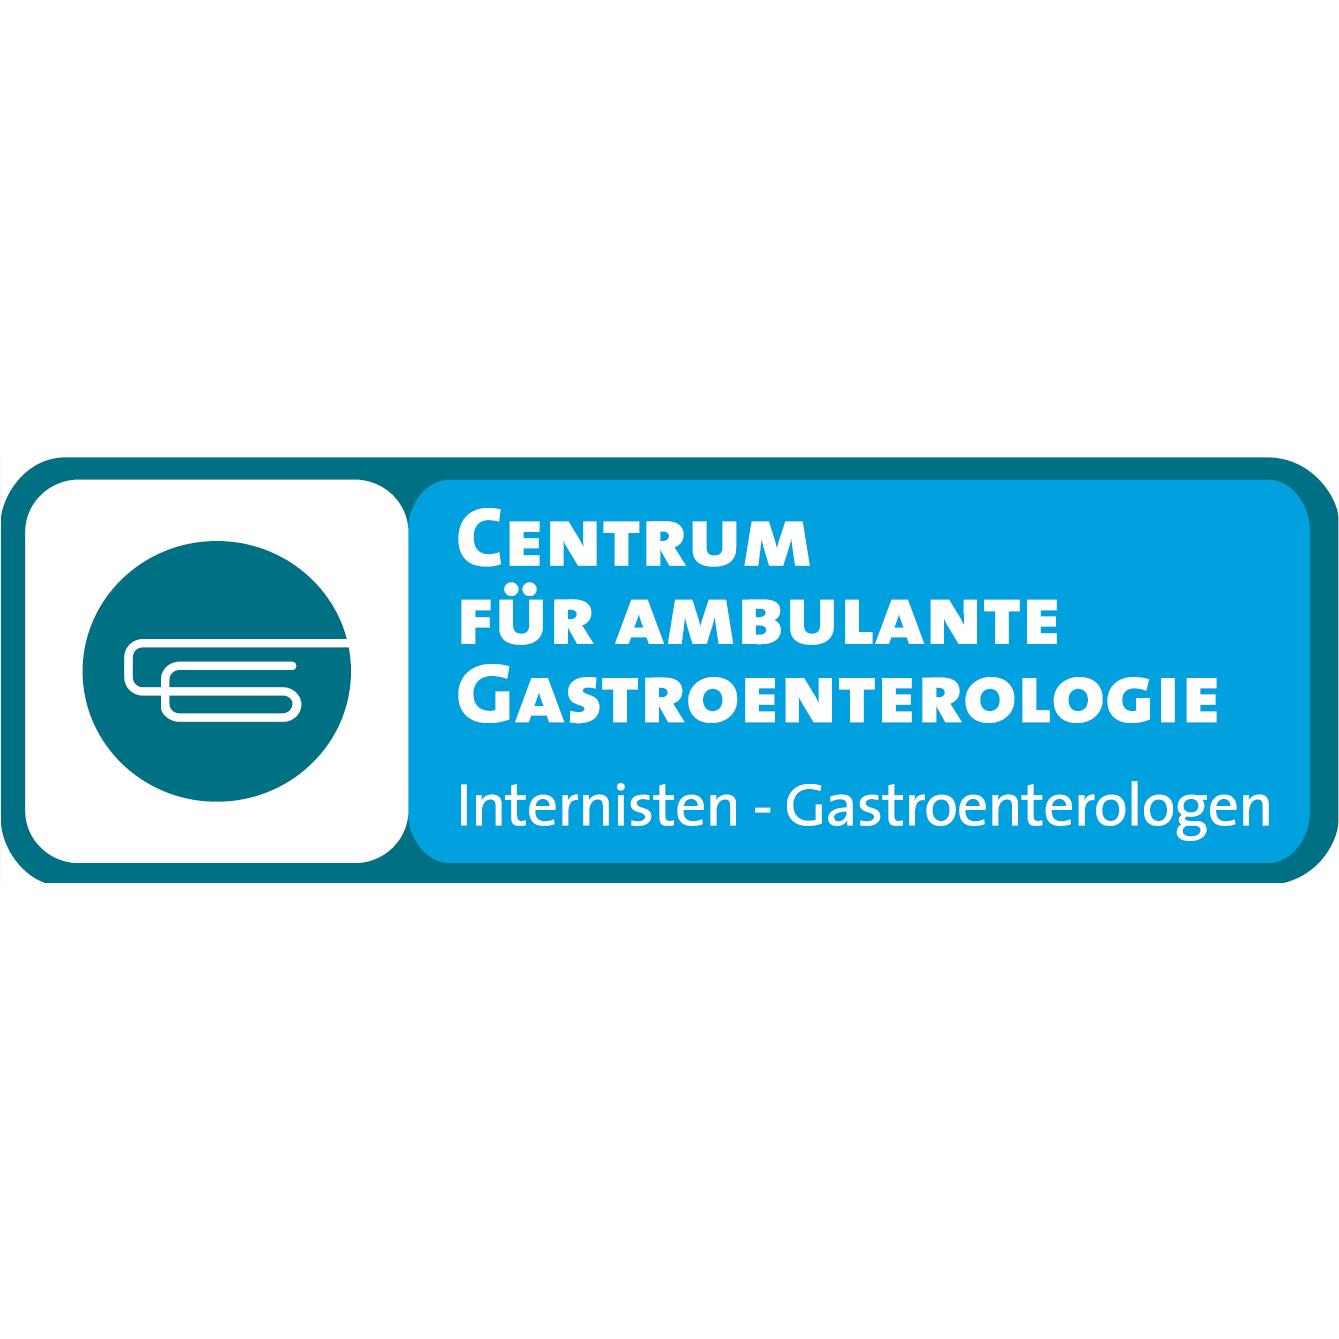 Bild zu Centrum für ambulante Gastroenterologie - Dr. med. Harald Plass in Nürnberg